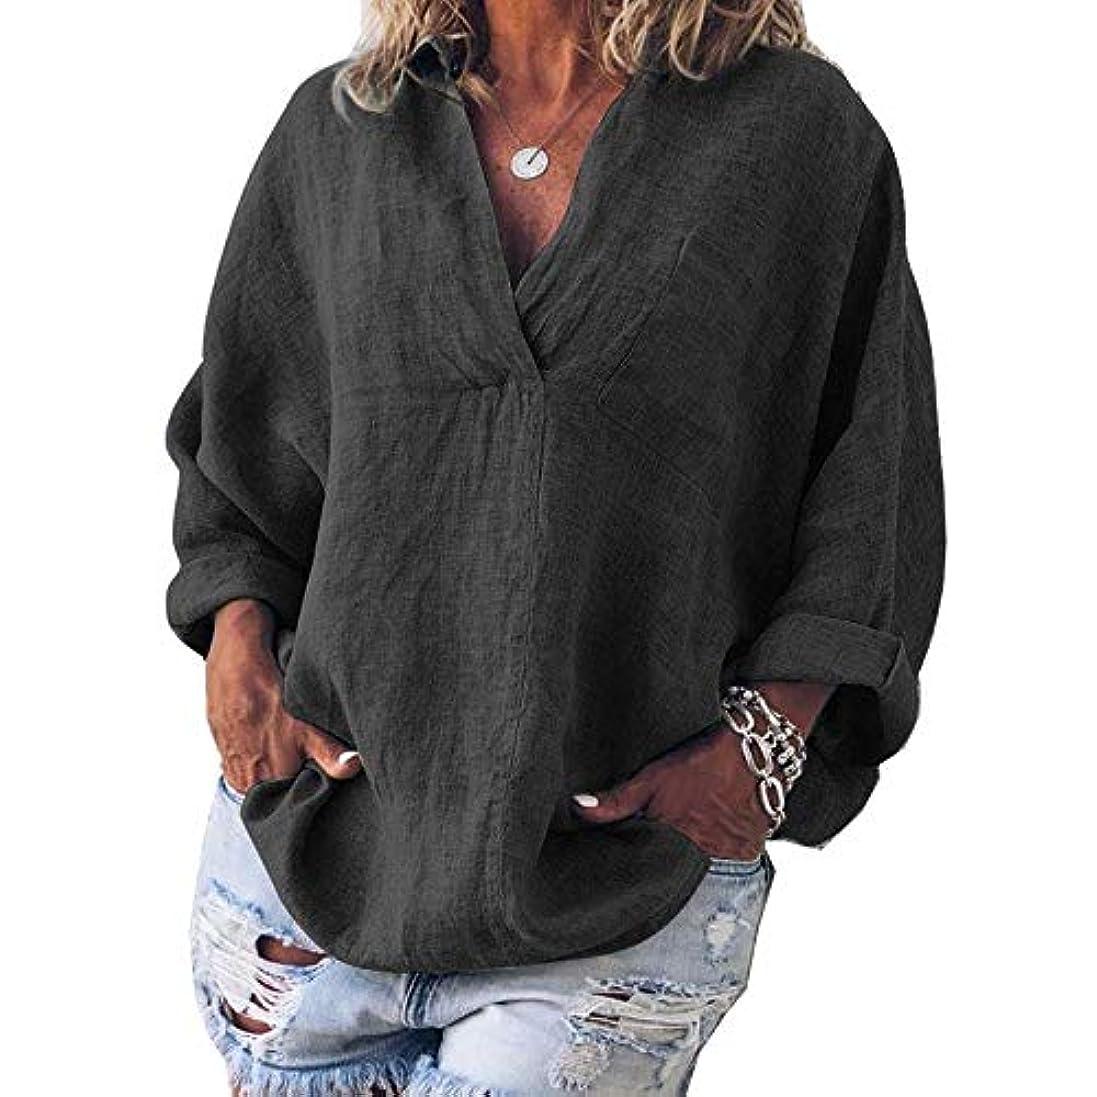 ロビー割り当てます姿を消すMIFAN女性ファッション春夏チュニックトップス深いVネックTシャツ長袖プルオーバールーズリネンブラウス